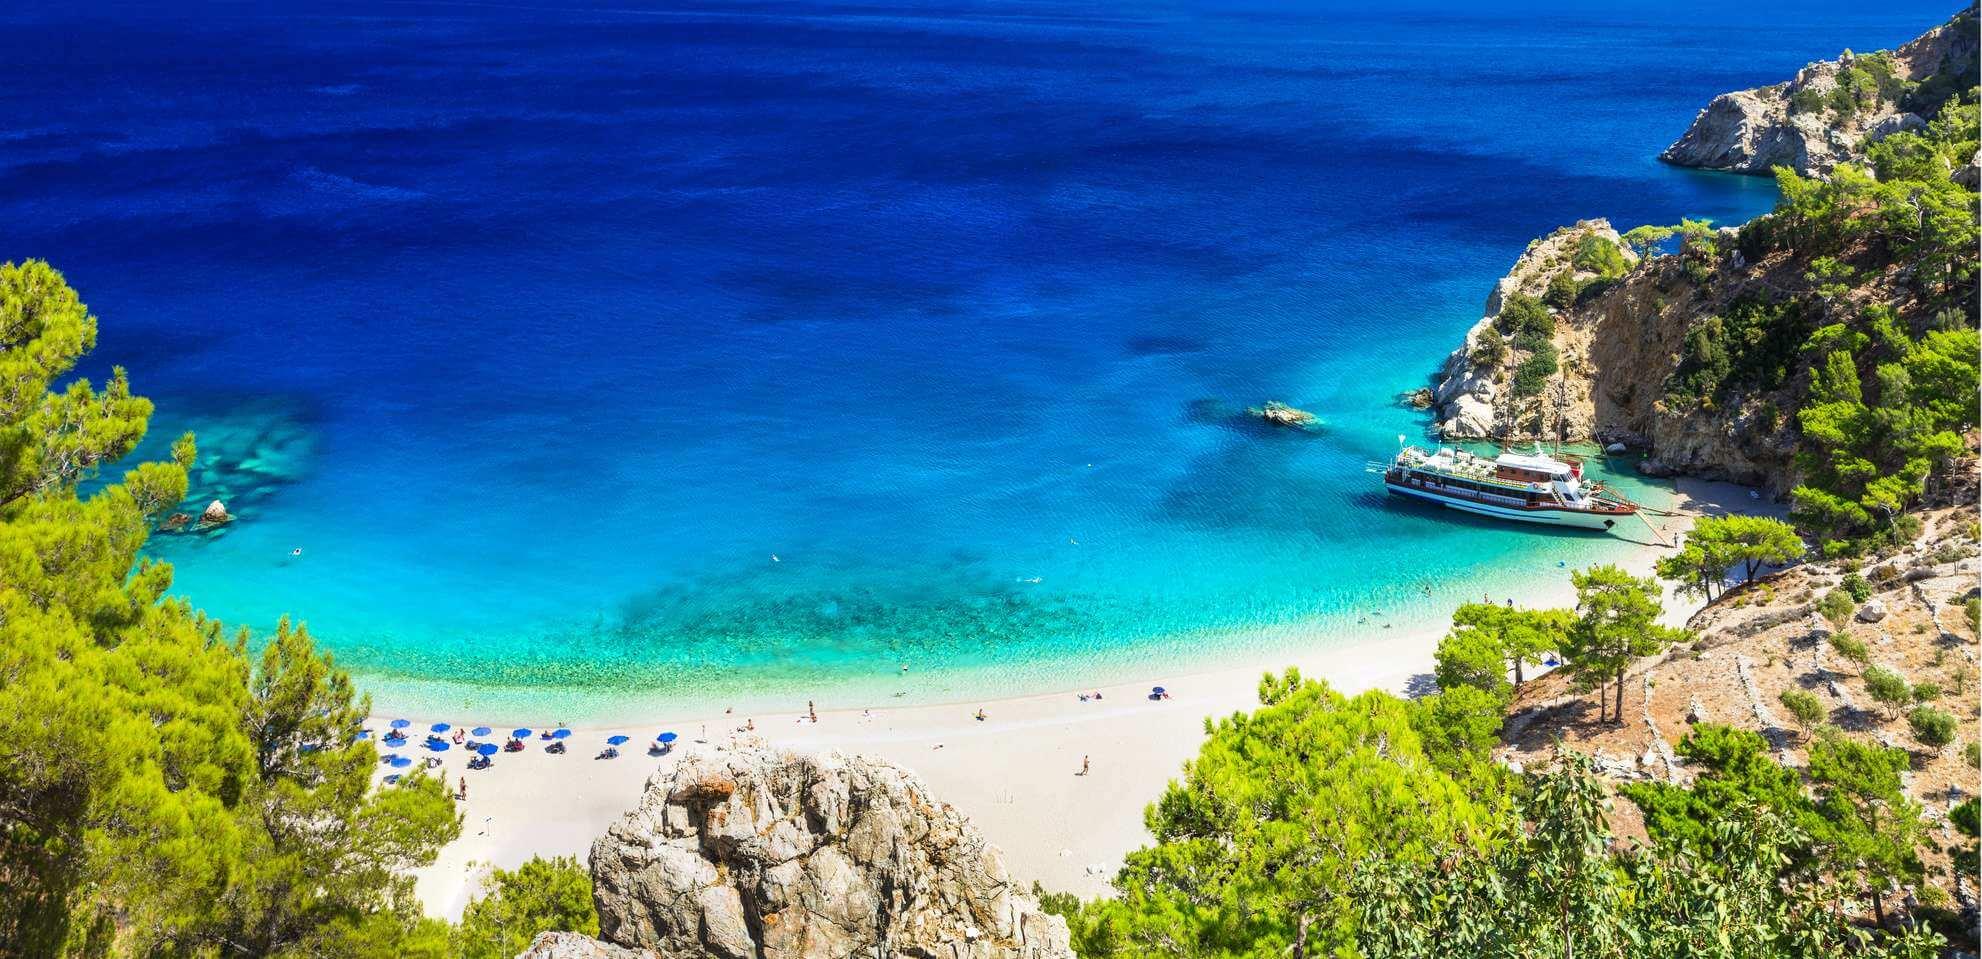 Playa de las Islas Canarias con rocas, árboles y barco